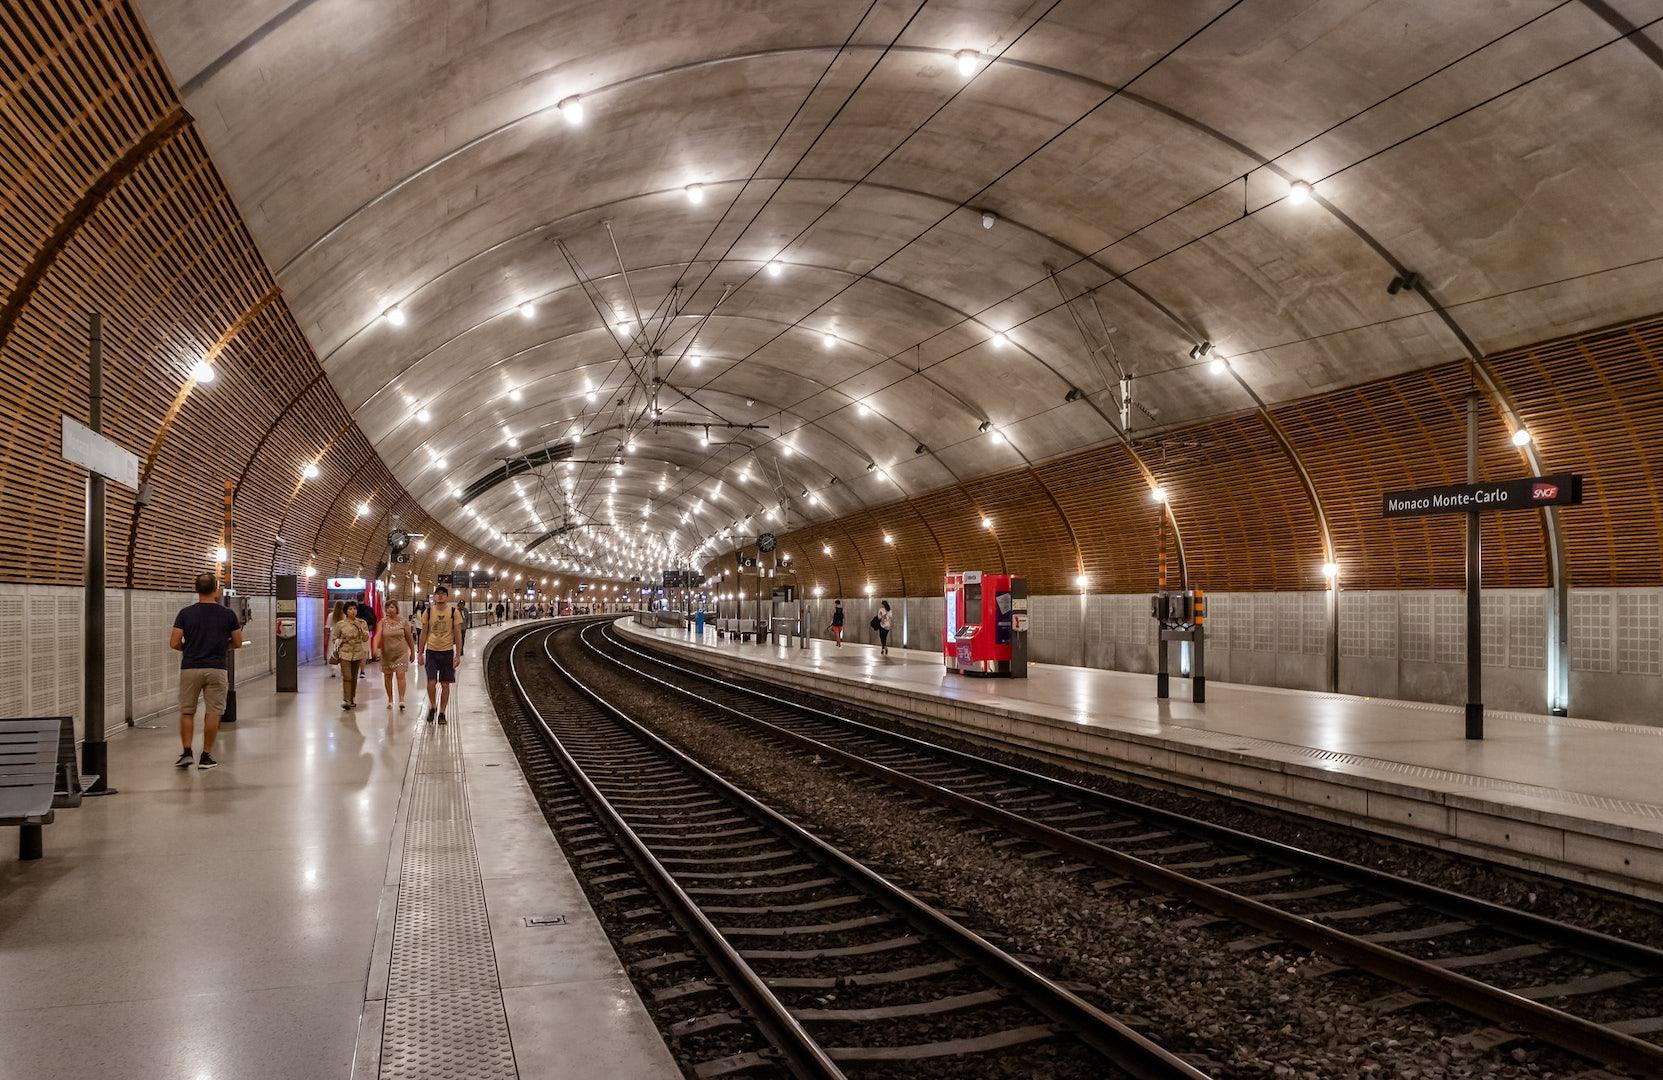 the interior of the train station in Monaco